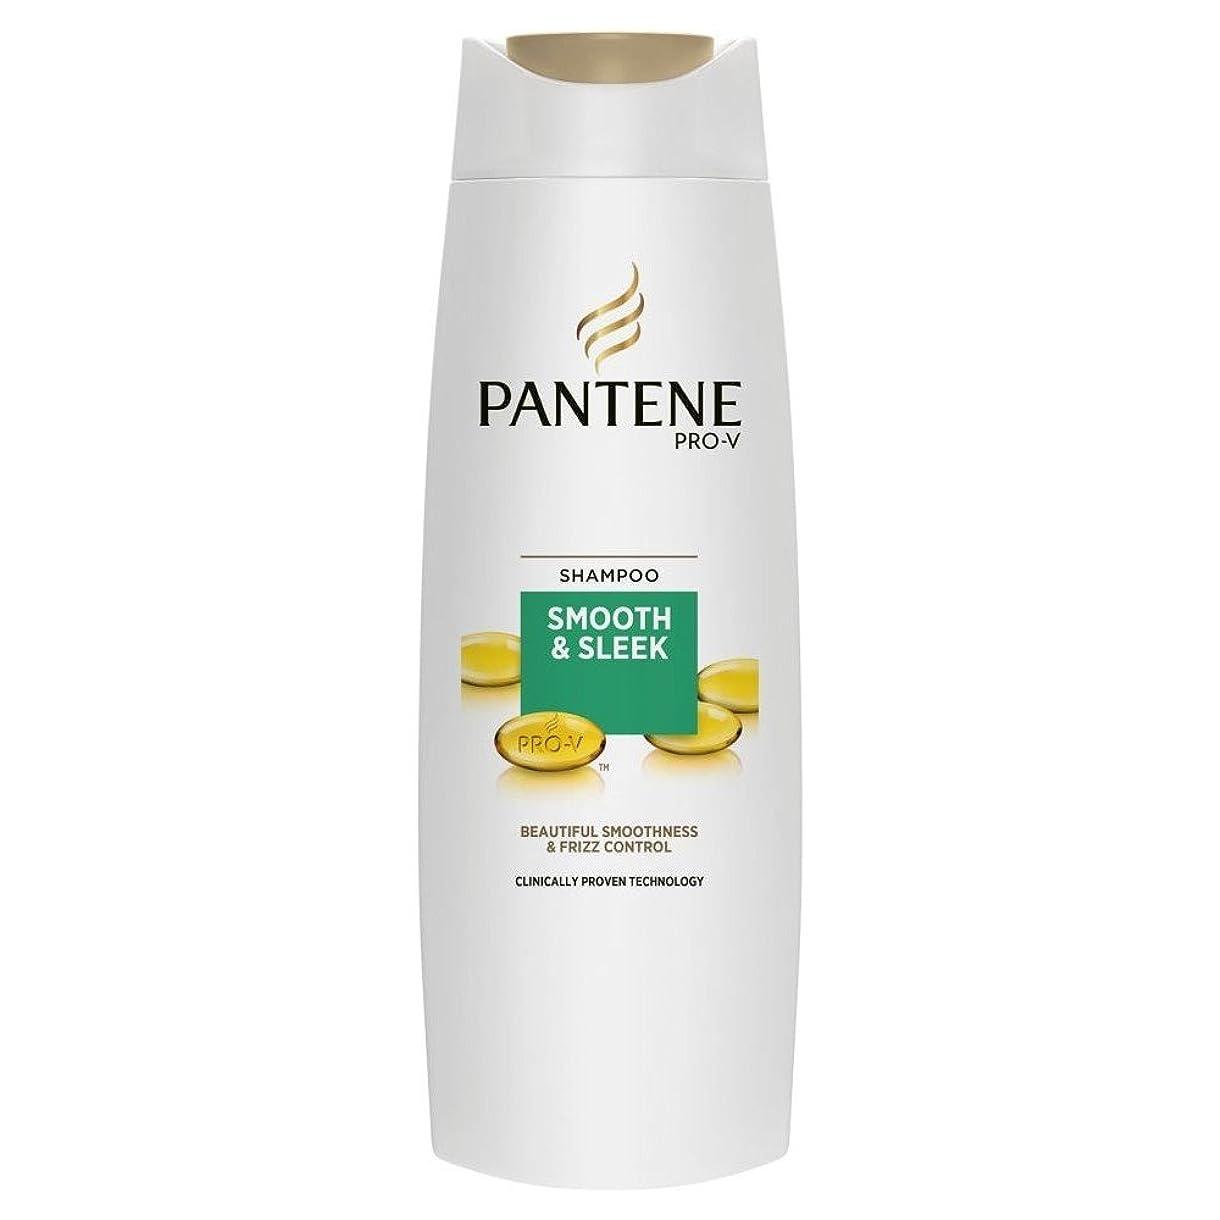 動く操る抽象Pantene Pro-V Smooth & Sleek Shampoo (400ml) パンテーンプロv滑らかで洗練されたシャンプー( 400ミリリットル) [並行輸入品]